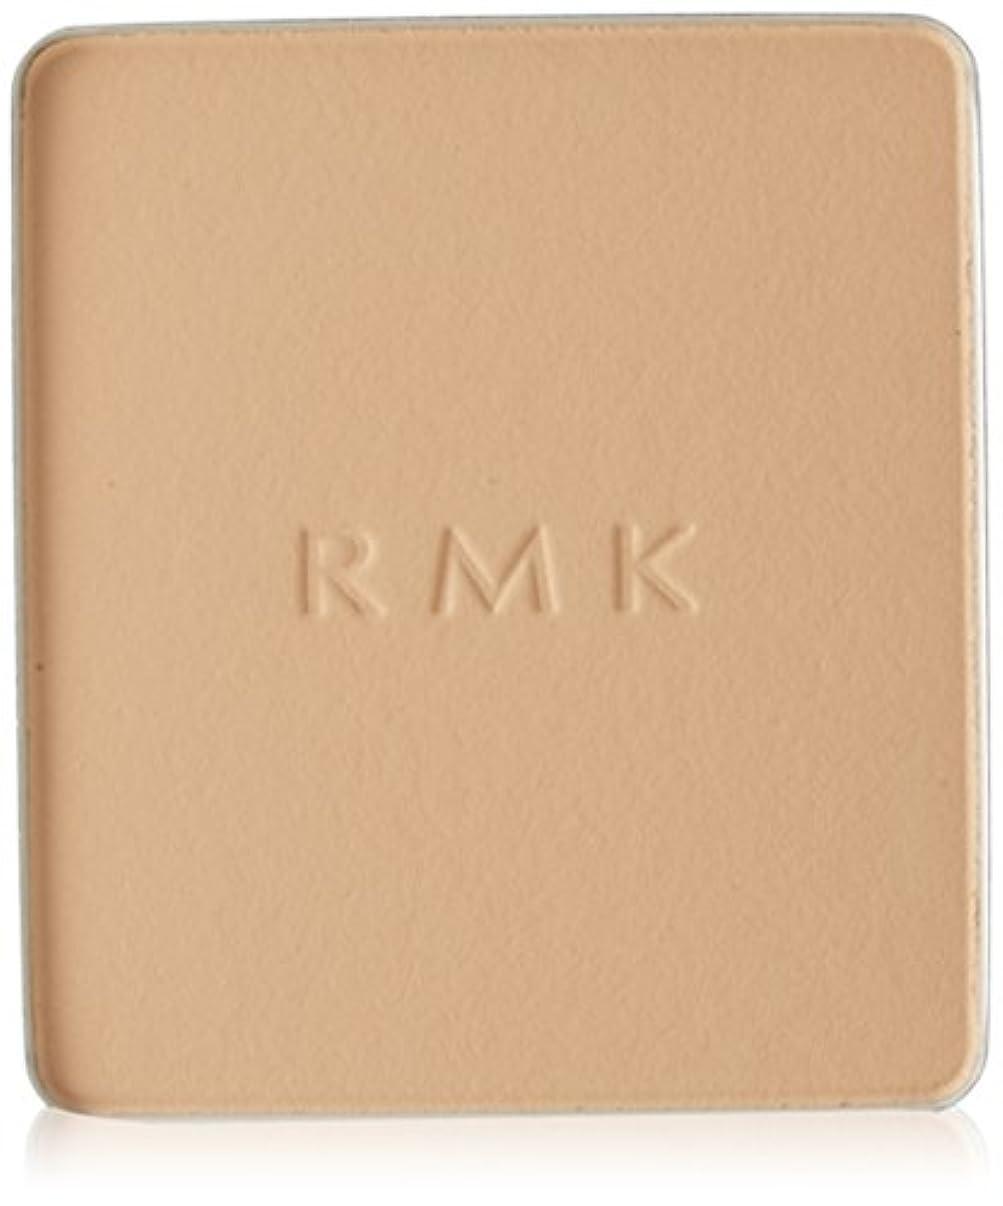 RMK アールエムケー エアリーパウダー ファンデーション (レフィル) #102 10.5g [並行輸入品]